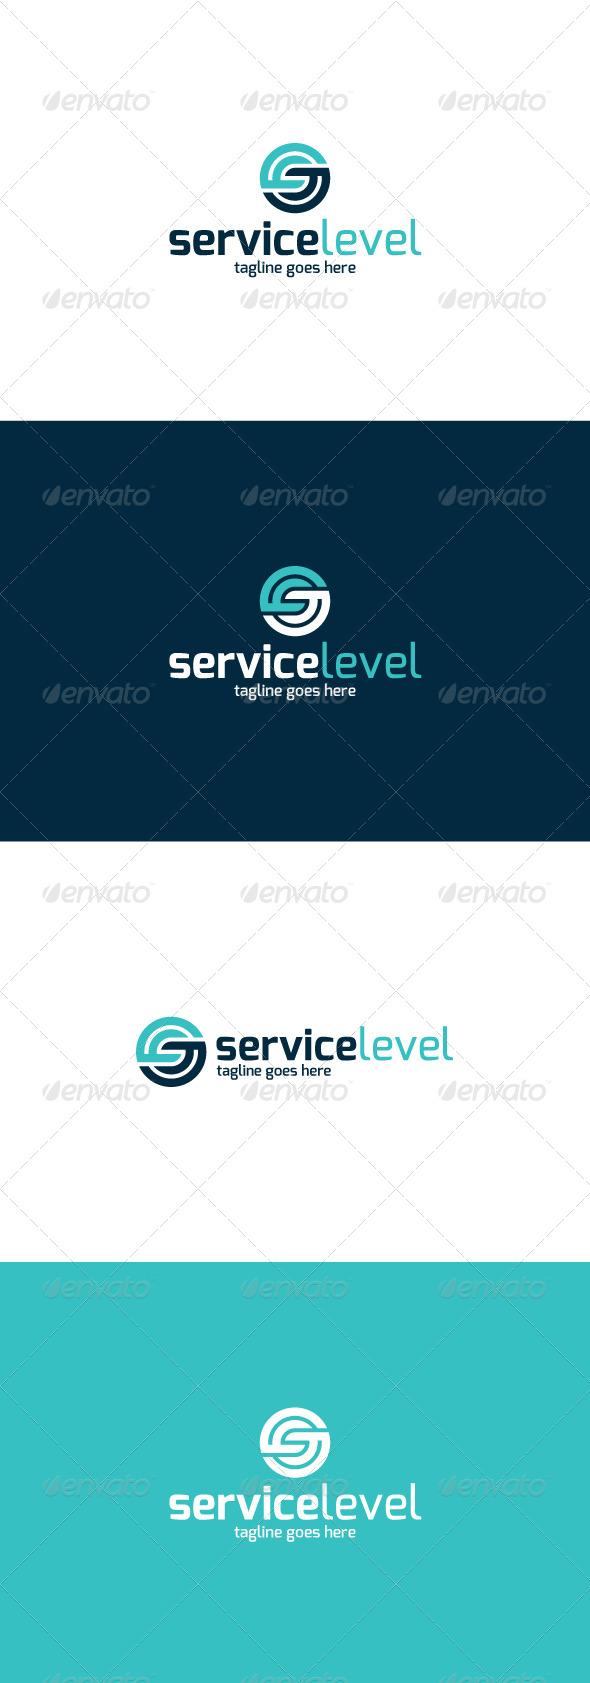 GraphicRiver Service Level Logo Letter S 8435996